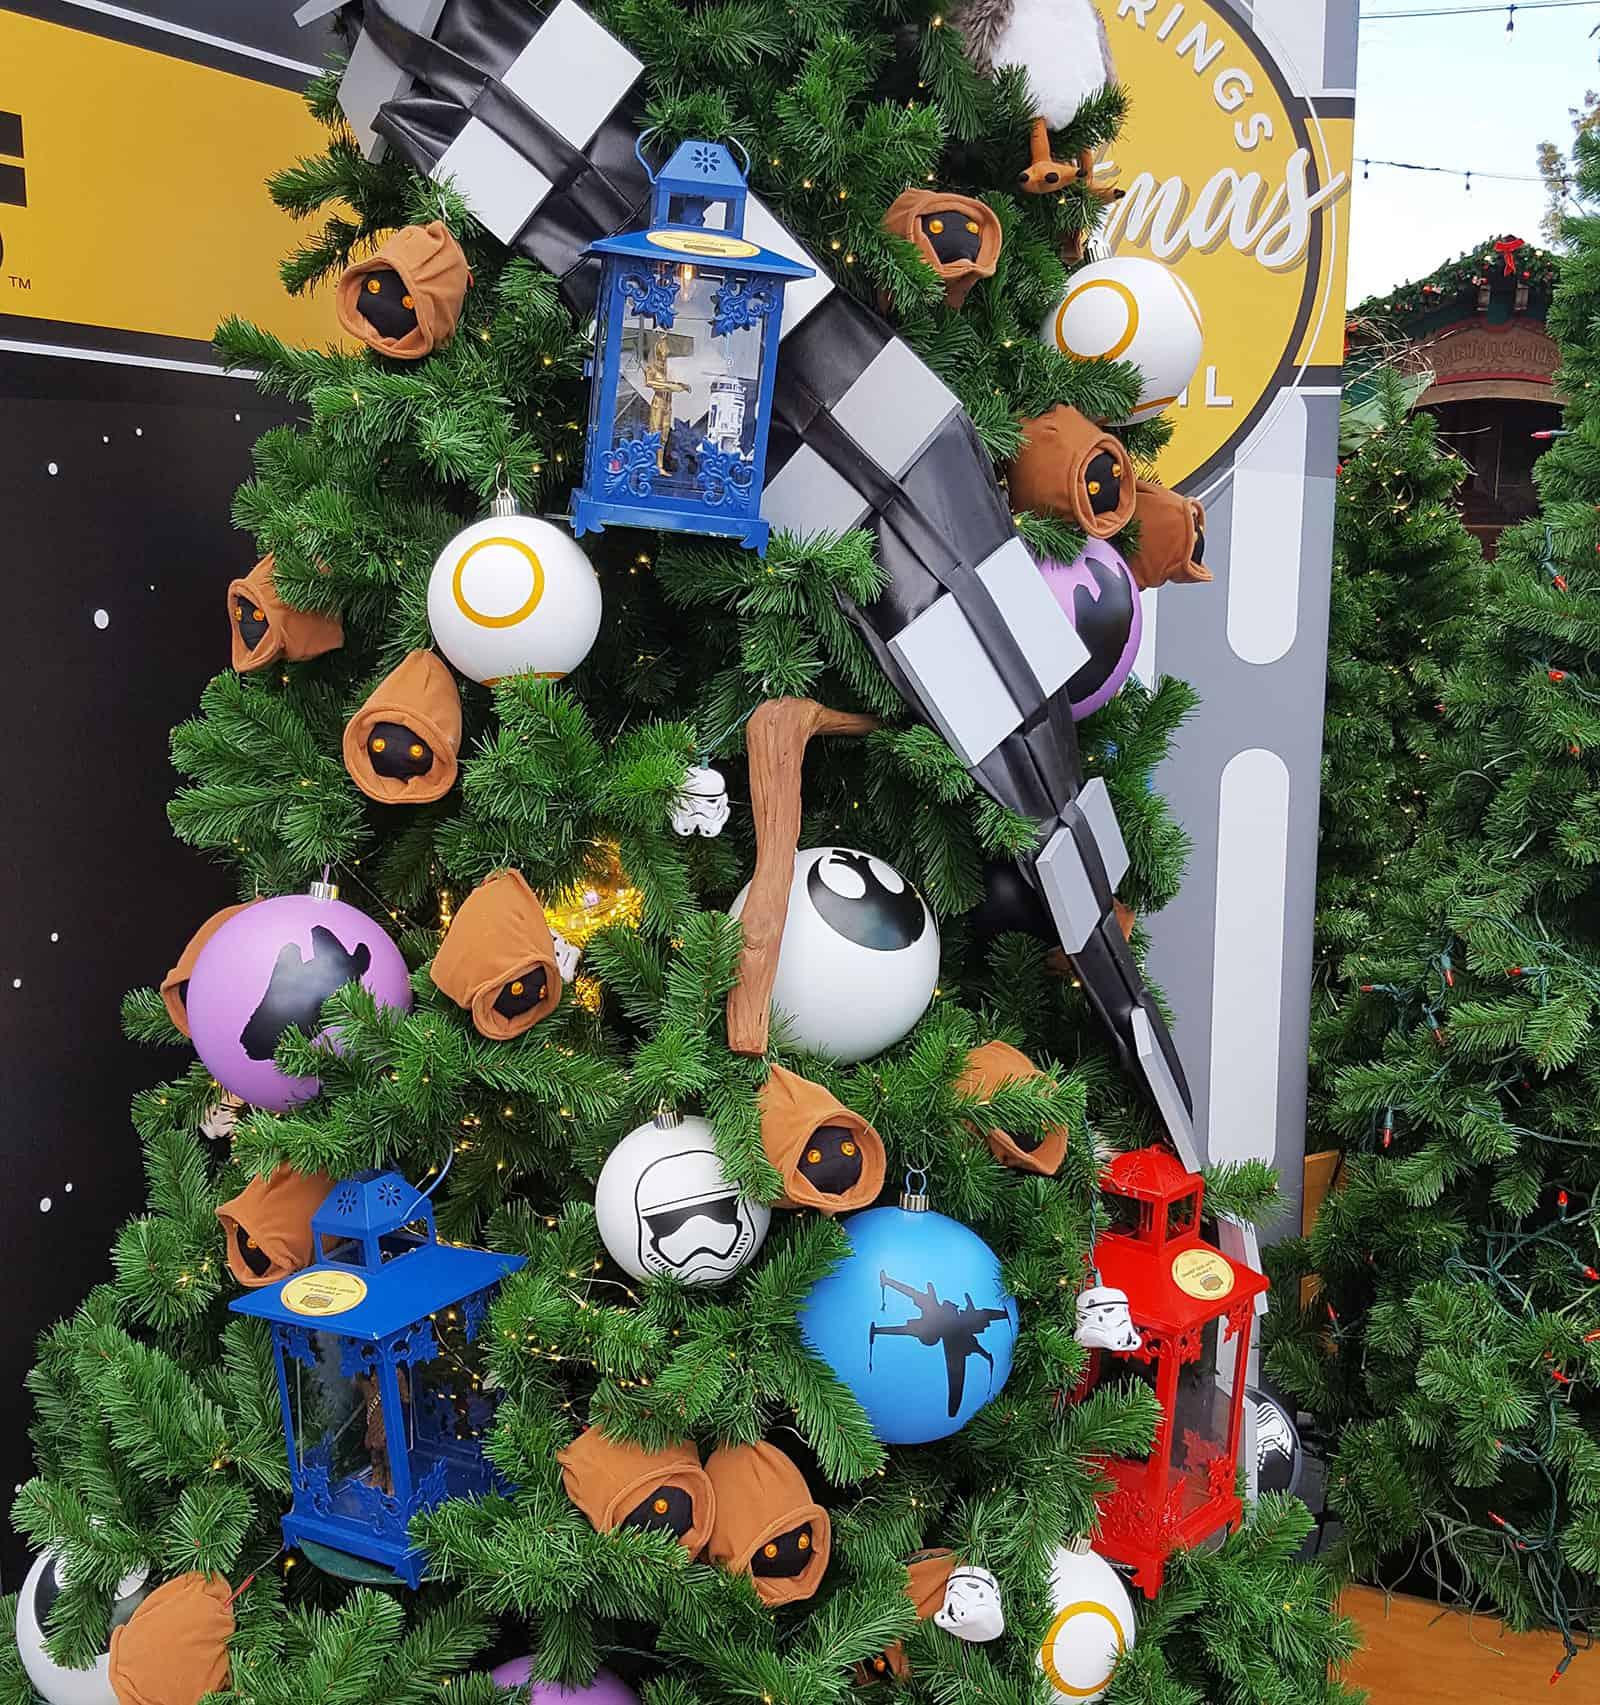 Weihnachtskugeln star wars christbaumschmuck mit star wars motiven - Star wars weihnachtsbaum ...